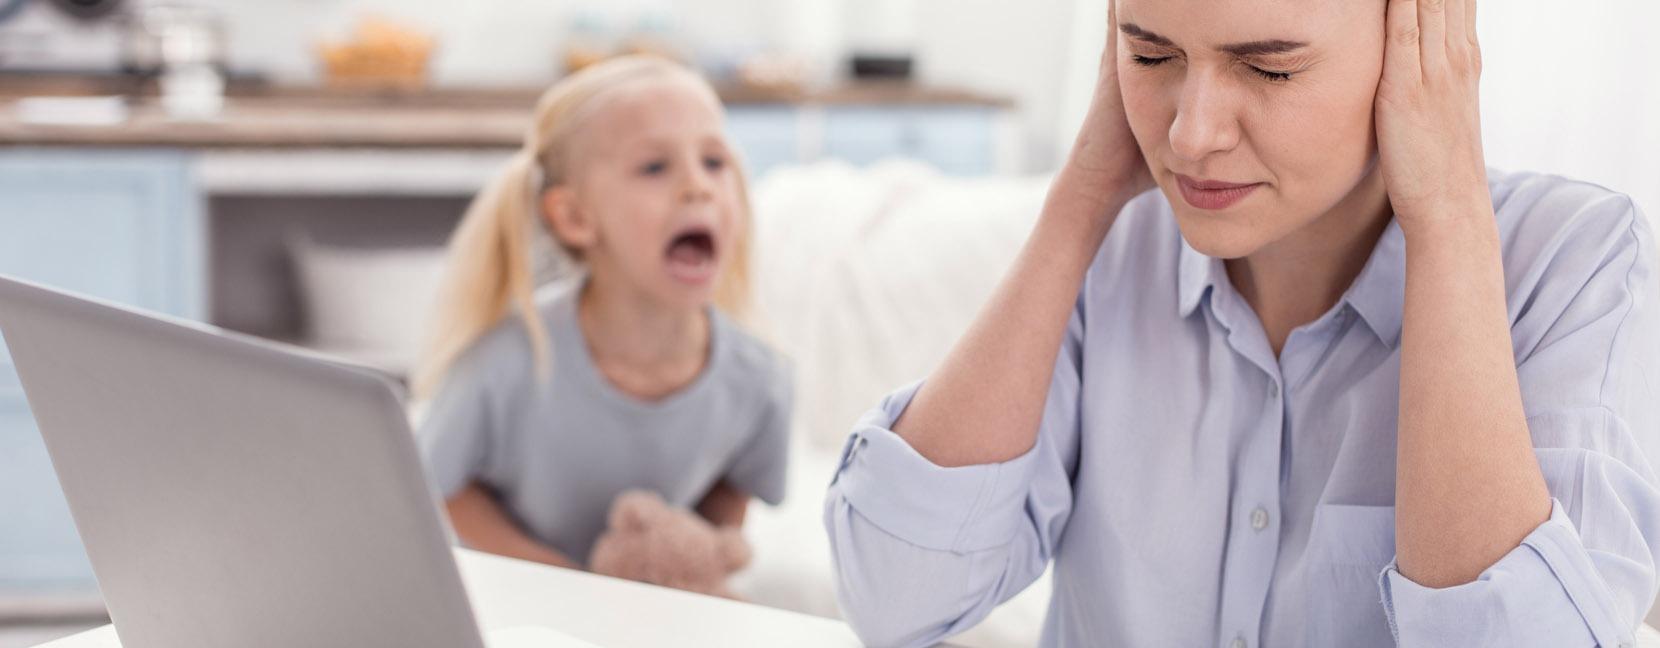 Bambina che urla arrabbiata e mamma che reagisce tappandosi le orecchie e chiudendo gli occhi